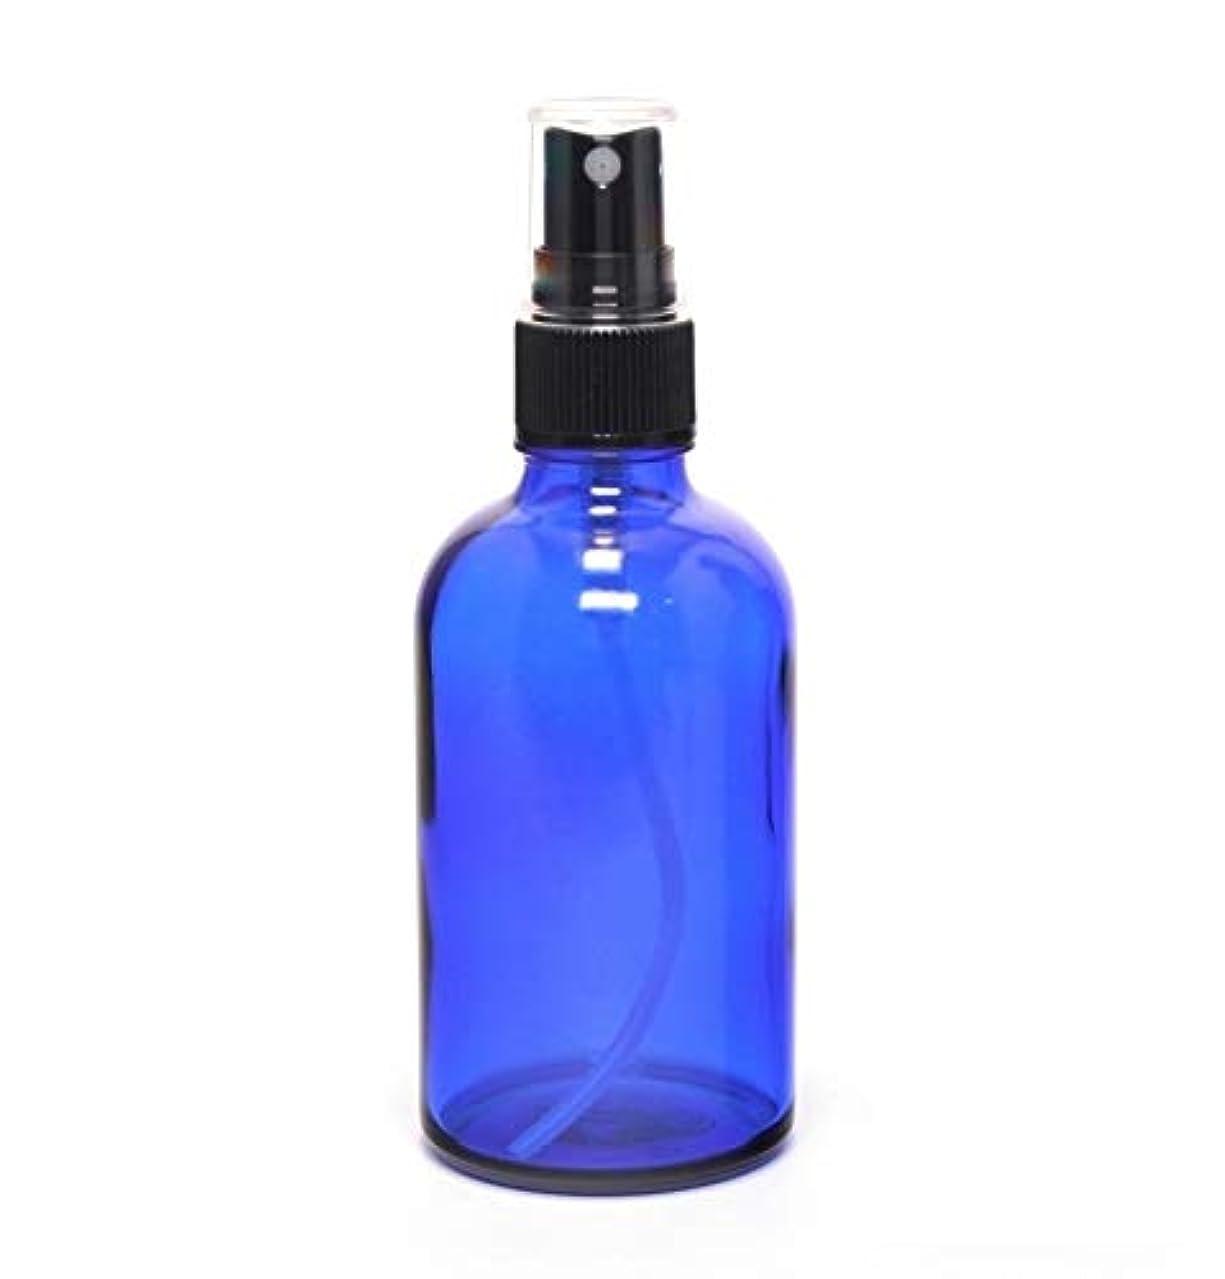 五月静める政策遮光瓶 蓄圧式で細かいミストのスプレーボトル 100ml コバルトブルー / 1本 ( 硝子製?アトマイザー )ブラックヘッド